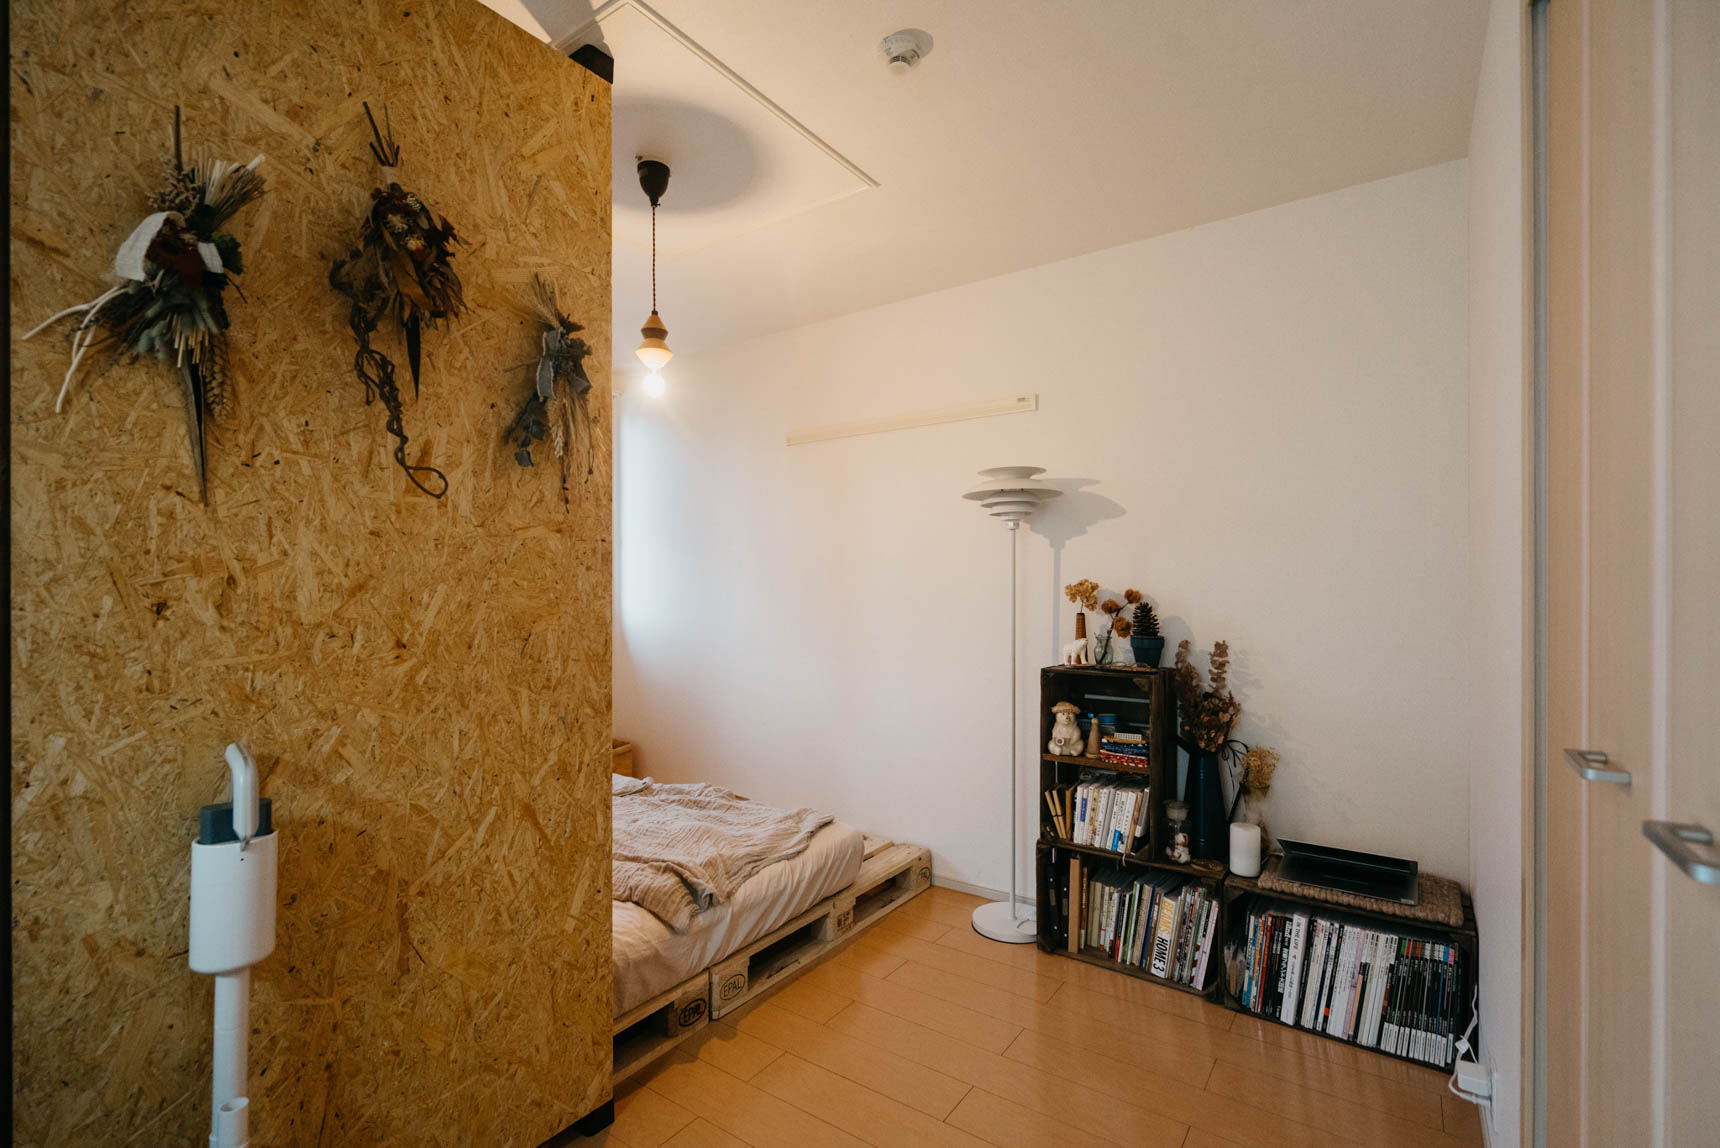 LDK隣の寝室は、引き戸を開けっ放しで使っているため、パーティクルボードを使った間仕切りで目隠しにしています。「ドライフラワーが飾れるように」というのは、Ikumiさんからのリクエスト。